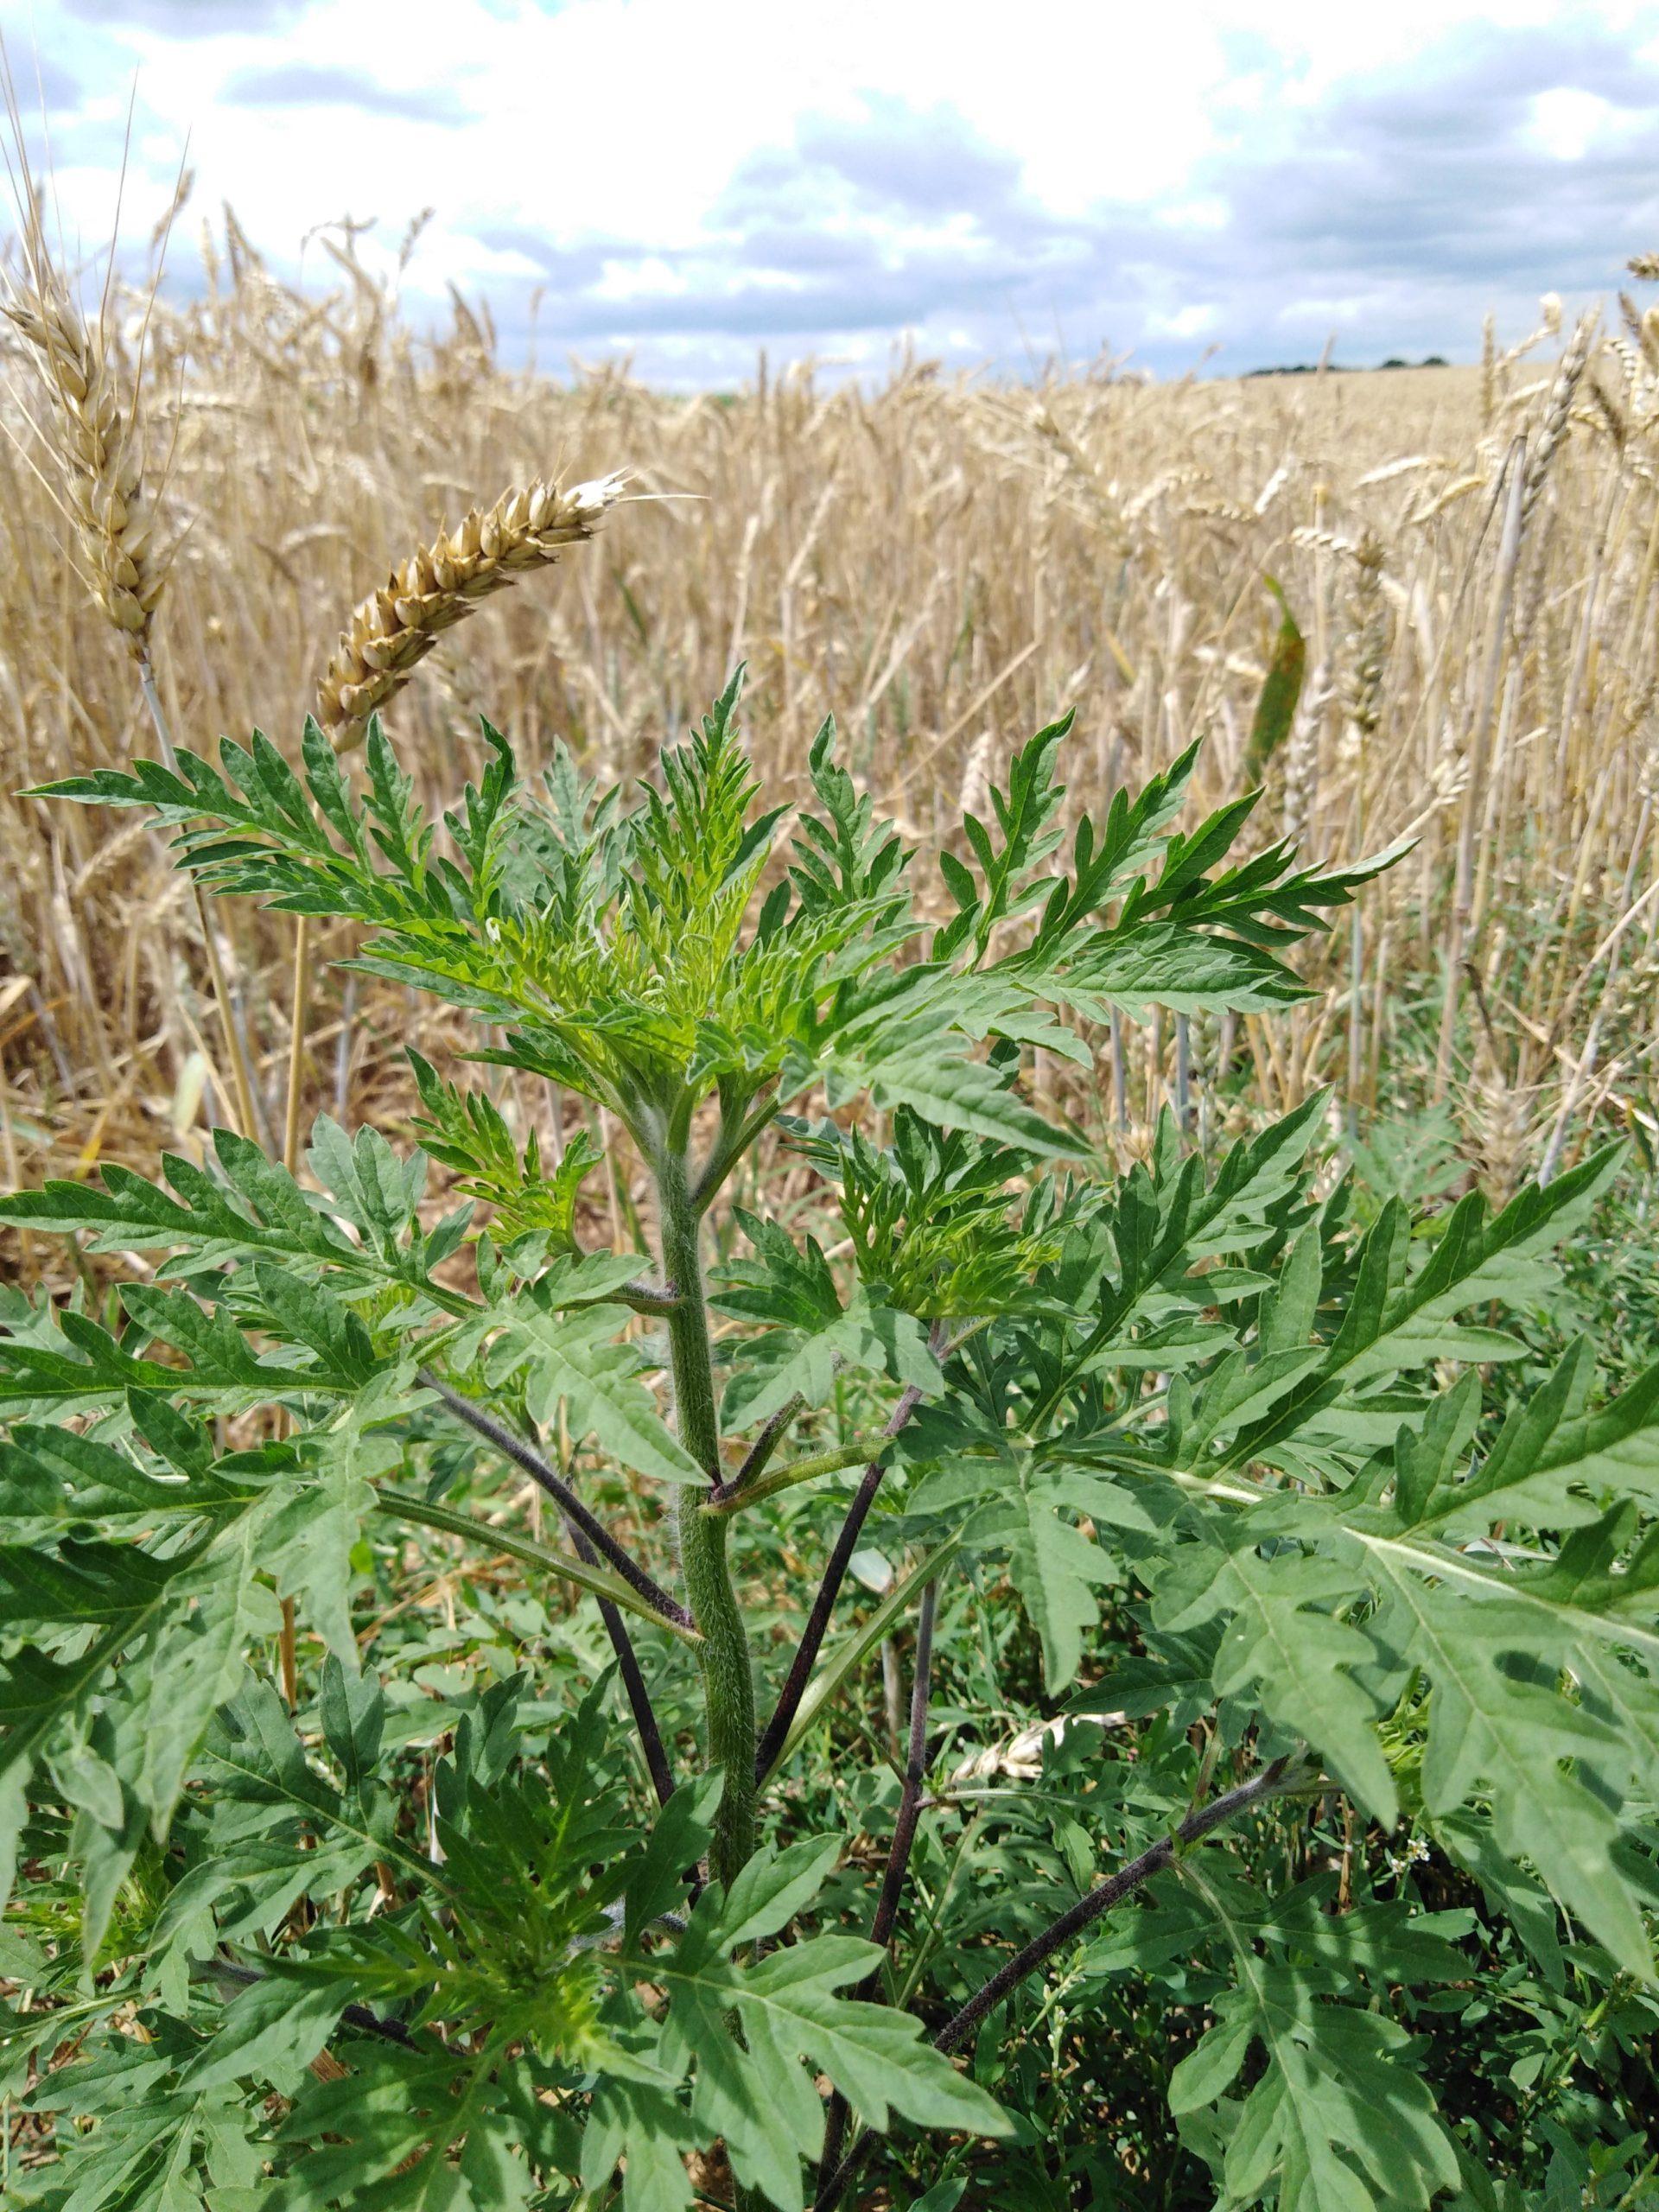 Espèces invasives et santé publique : le cas de l'Ambroisie à feuilles d'armoise et de la Berce du Caucase en Pays de la Loire